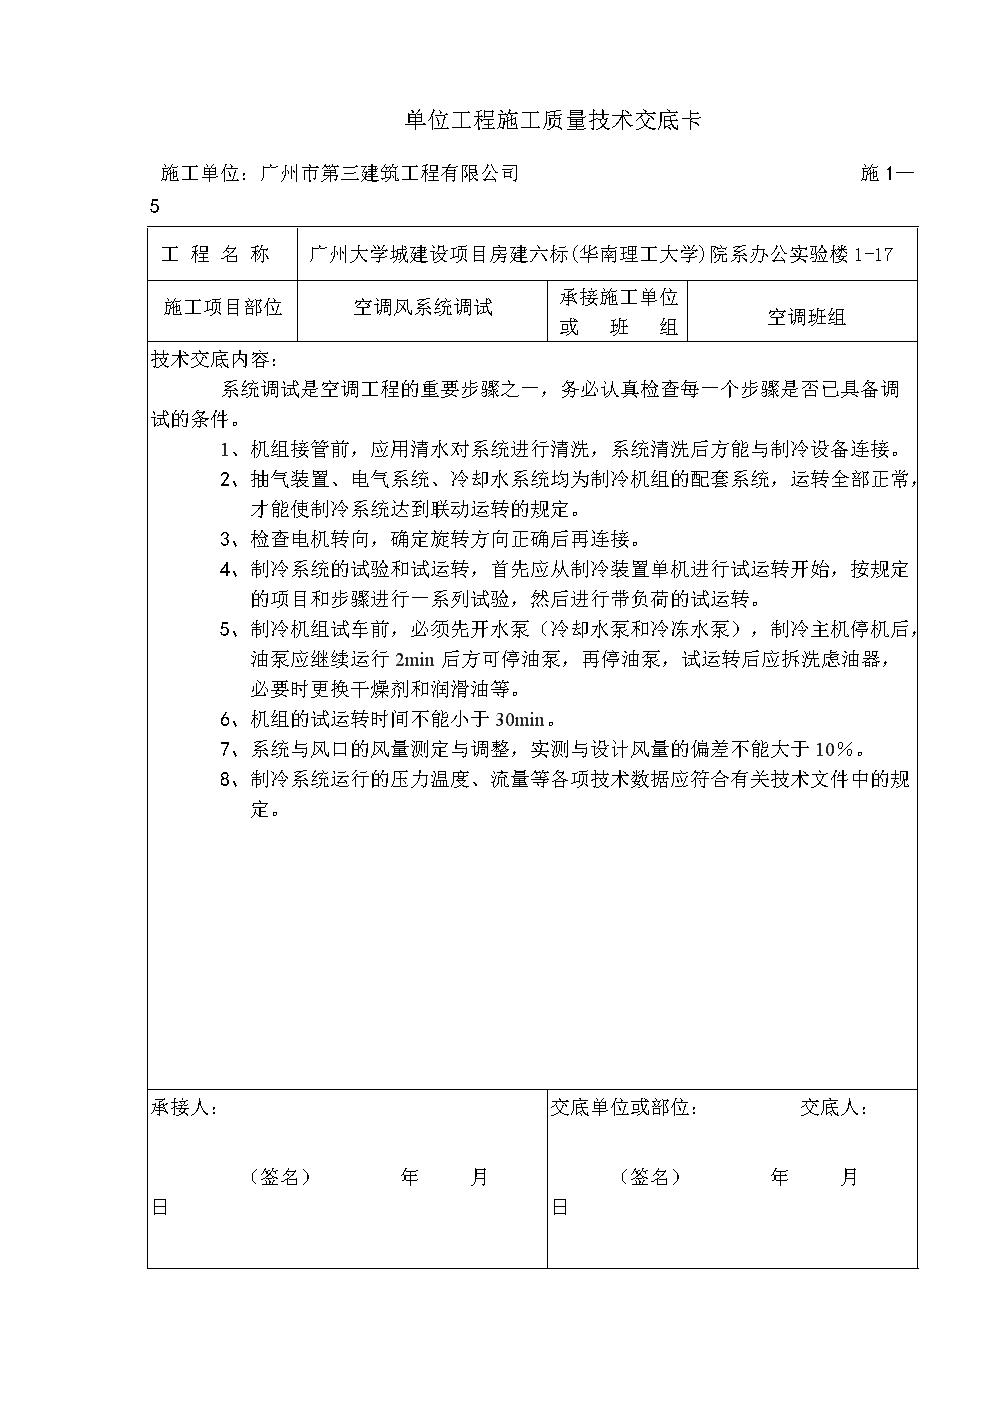 (空调风系统调试)通风与空调技术交底卡1-17.doc